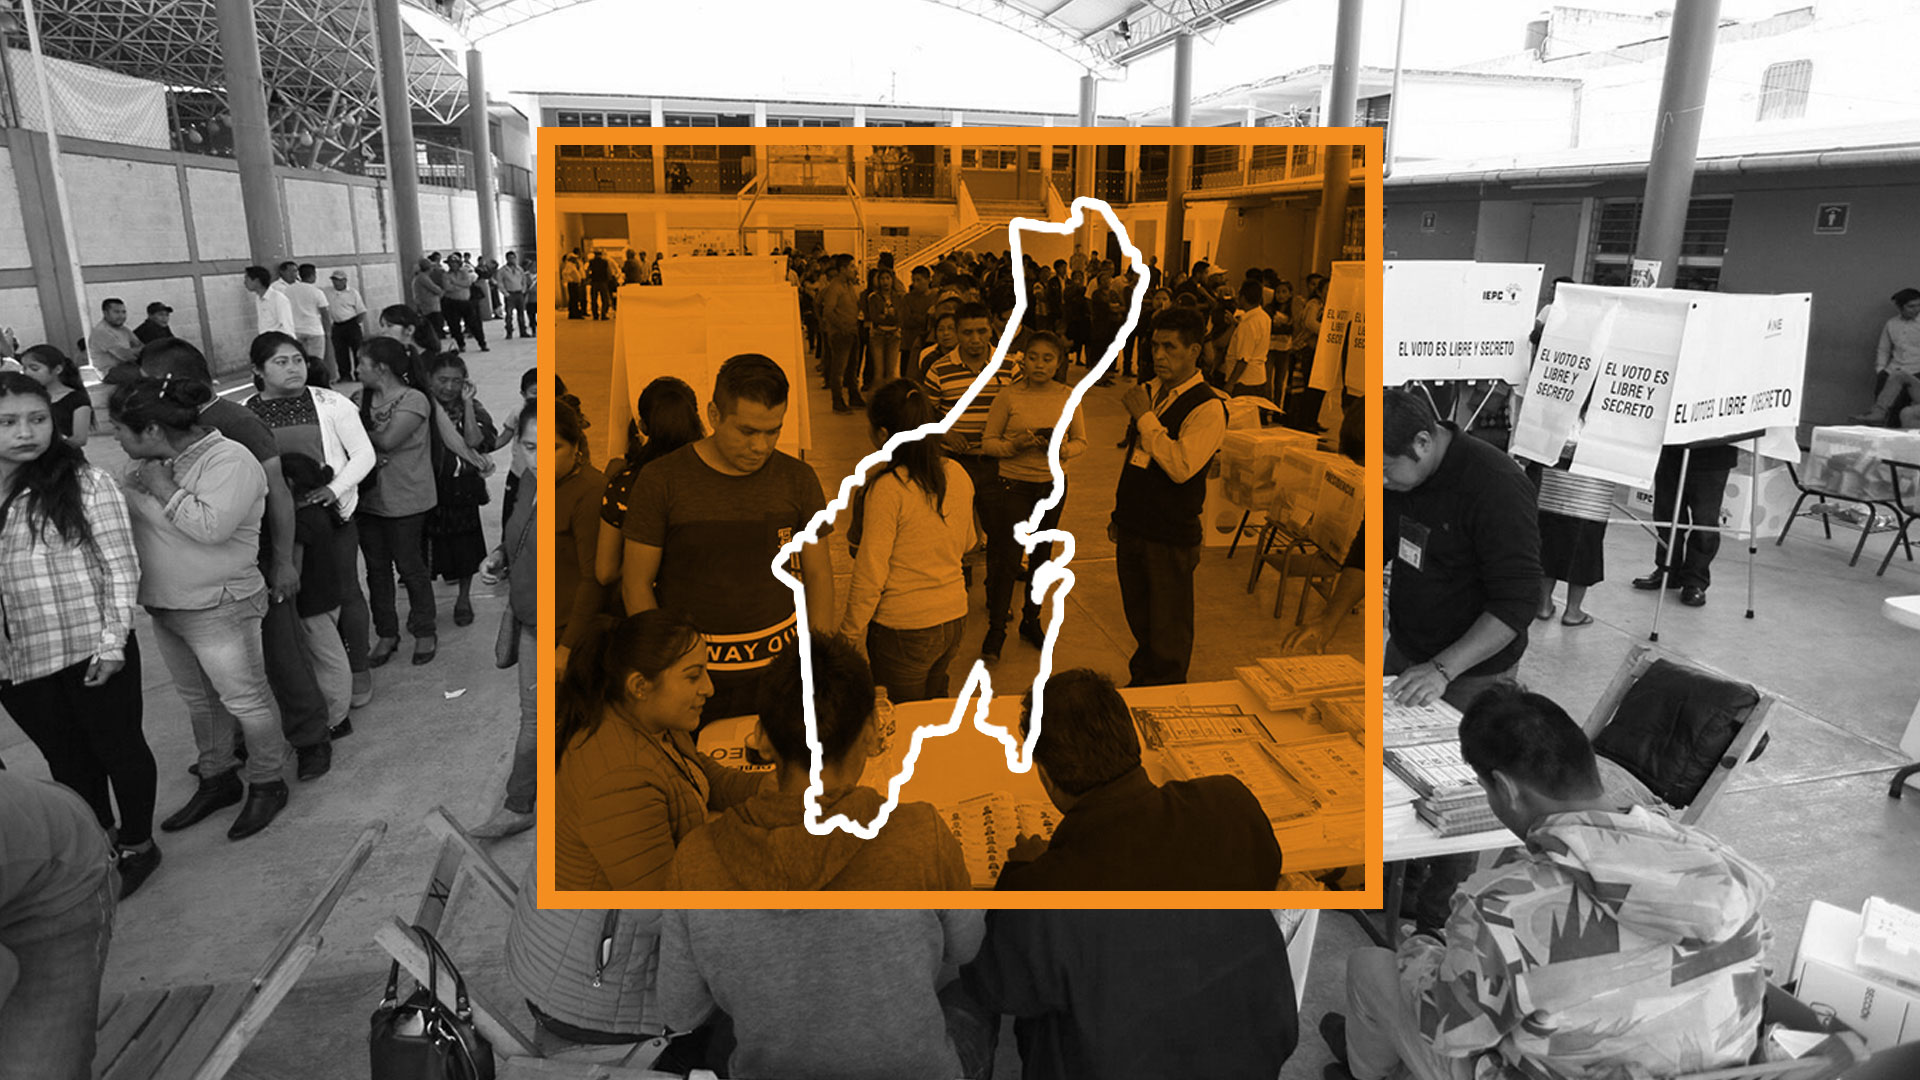 Elecciones en Quintana Roo 2021: estos son los cargos que se elegirán -  Infobae